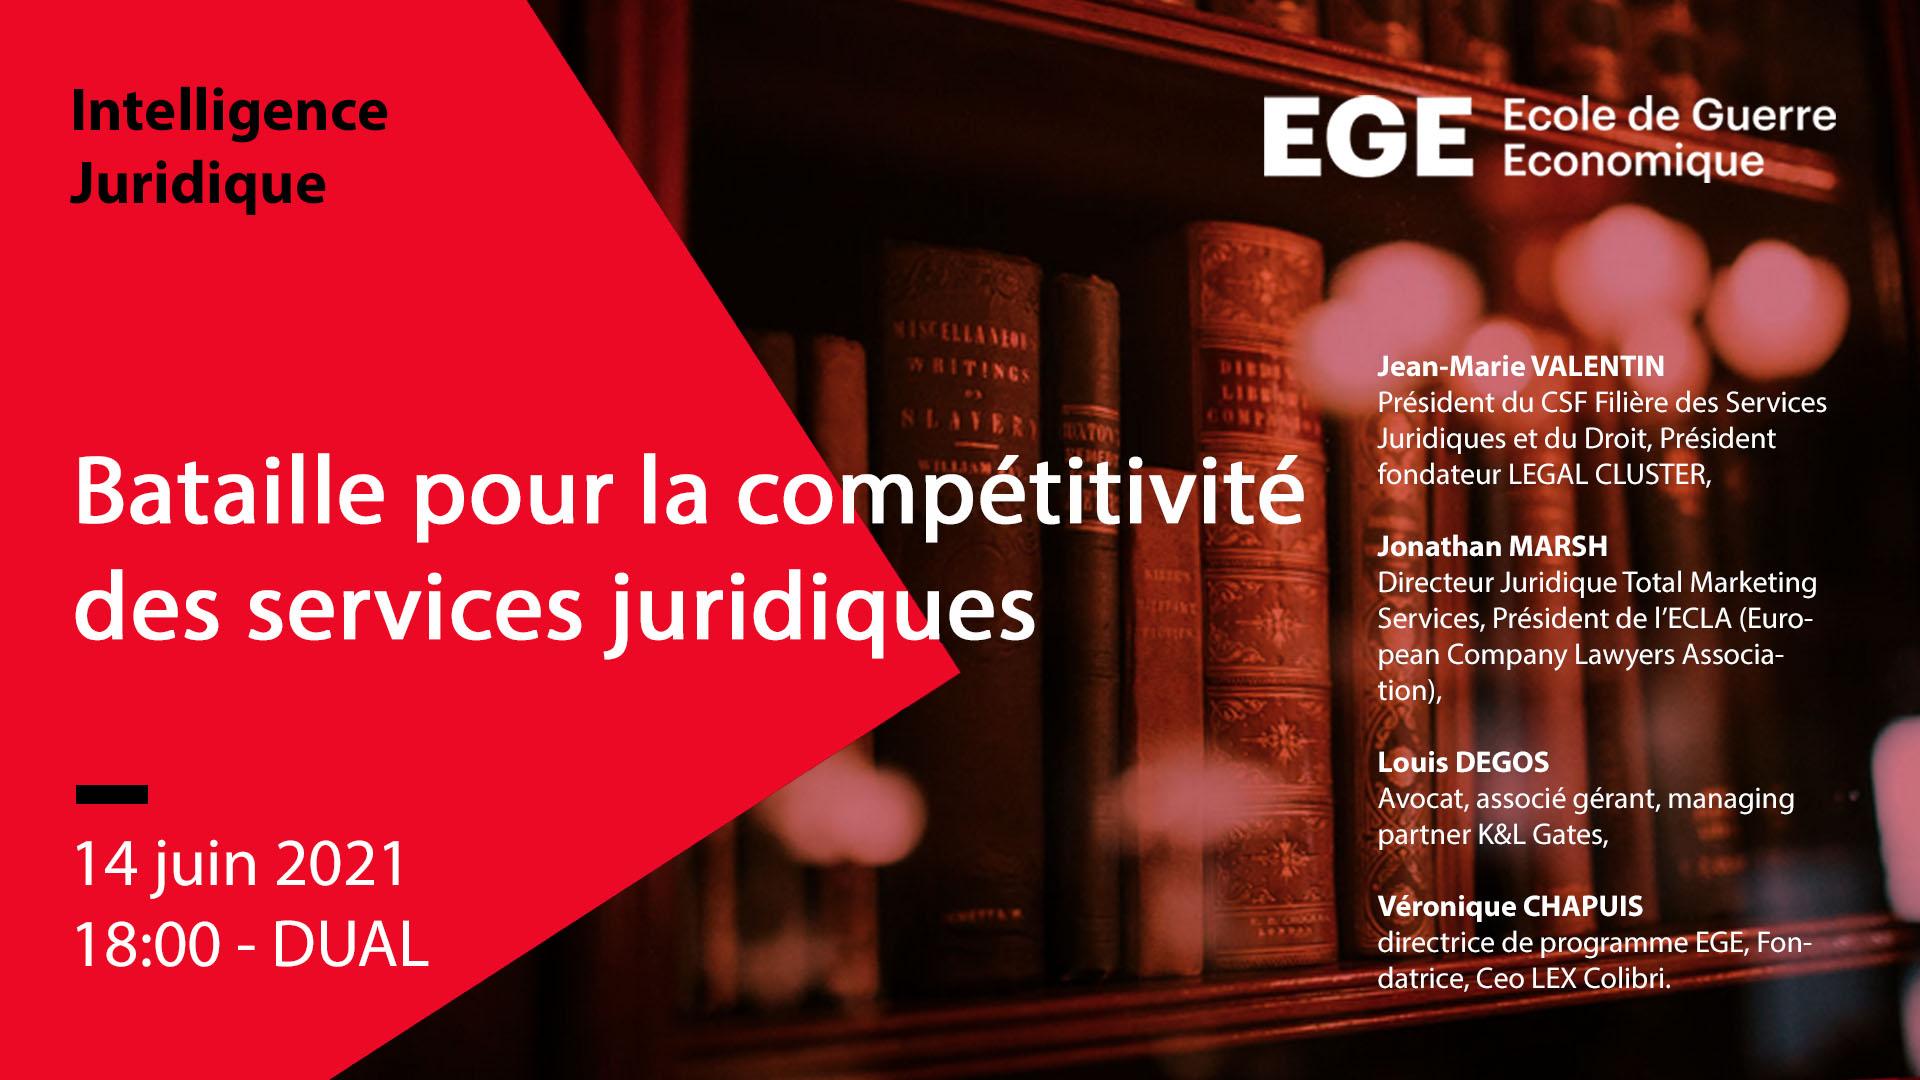 Bataille pour la compétitivité des services juridiques